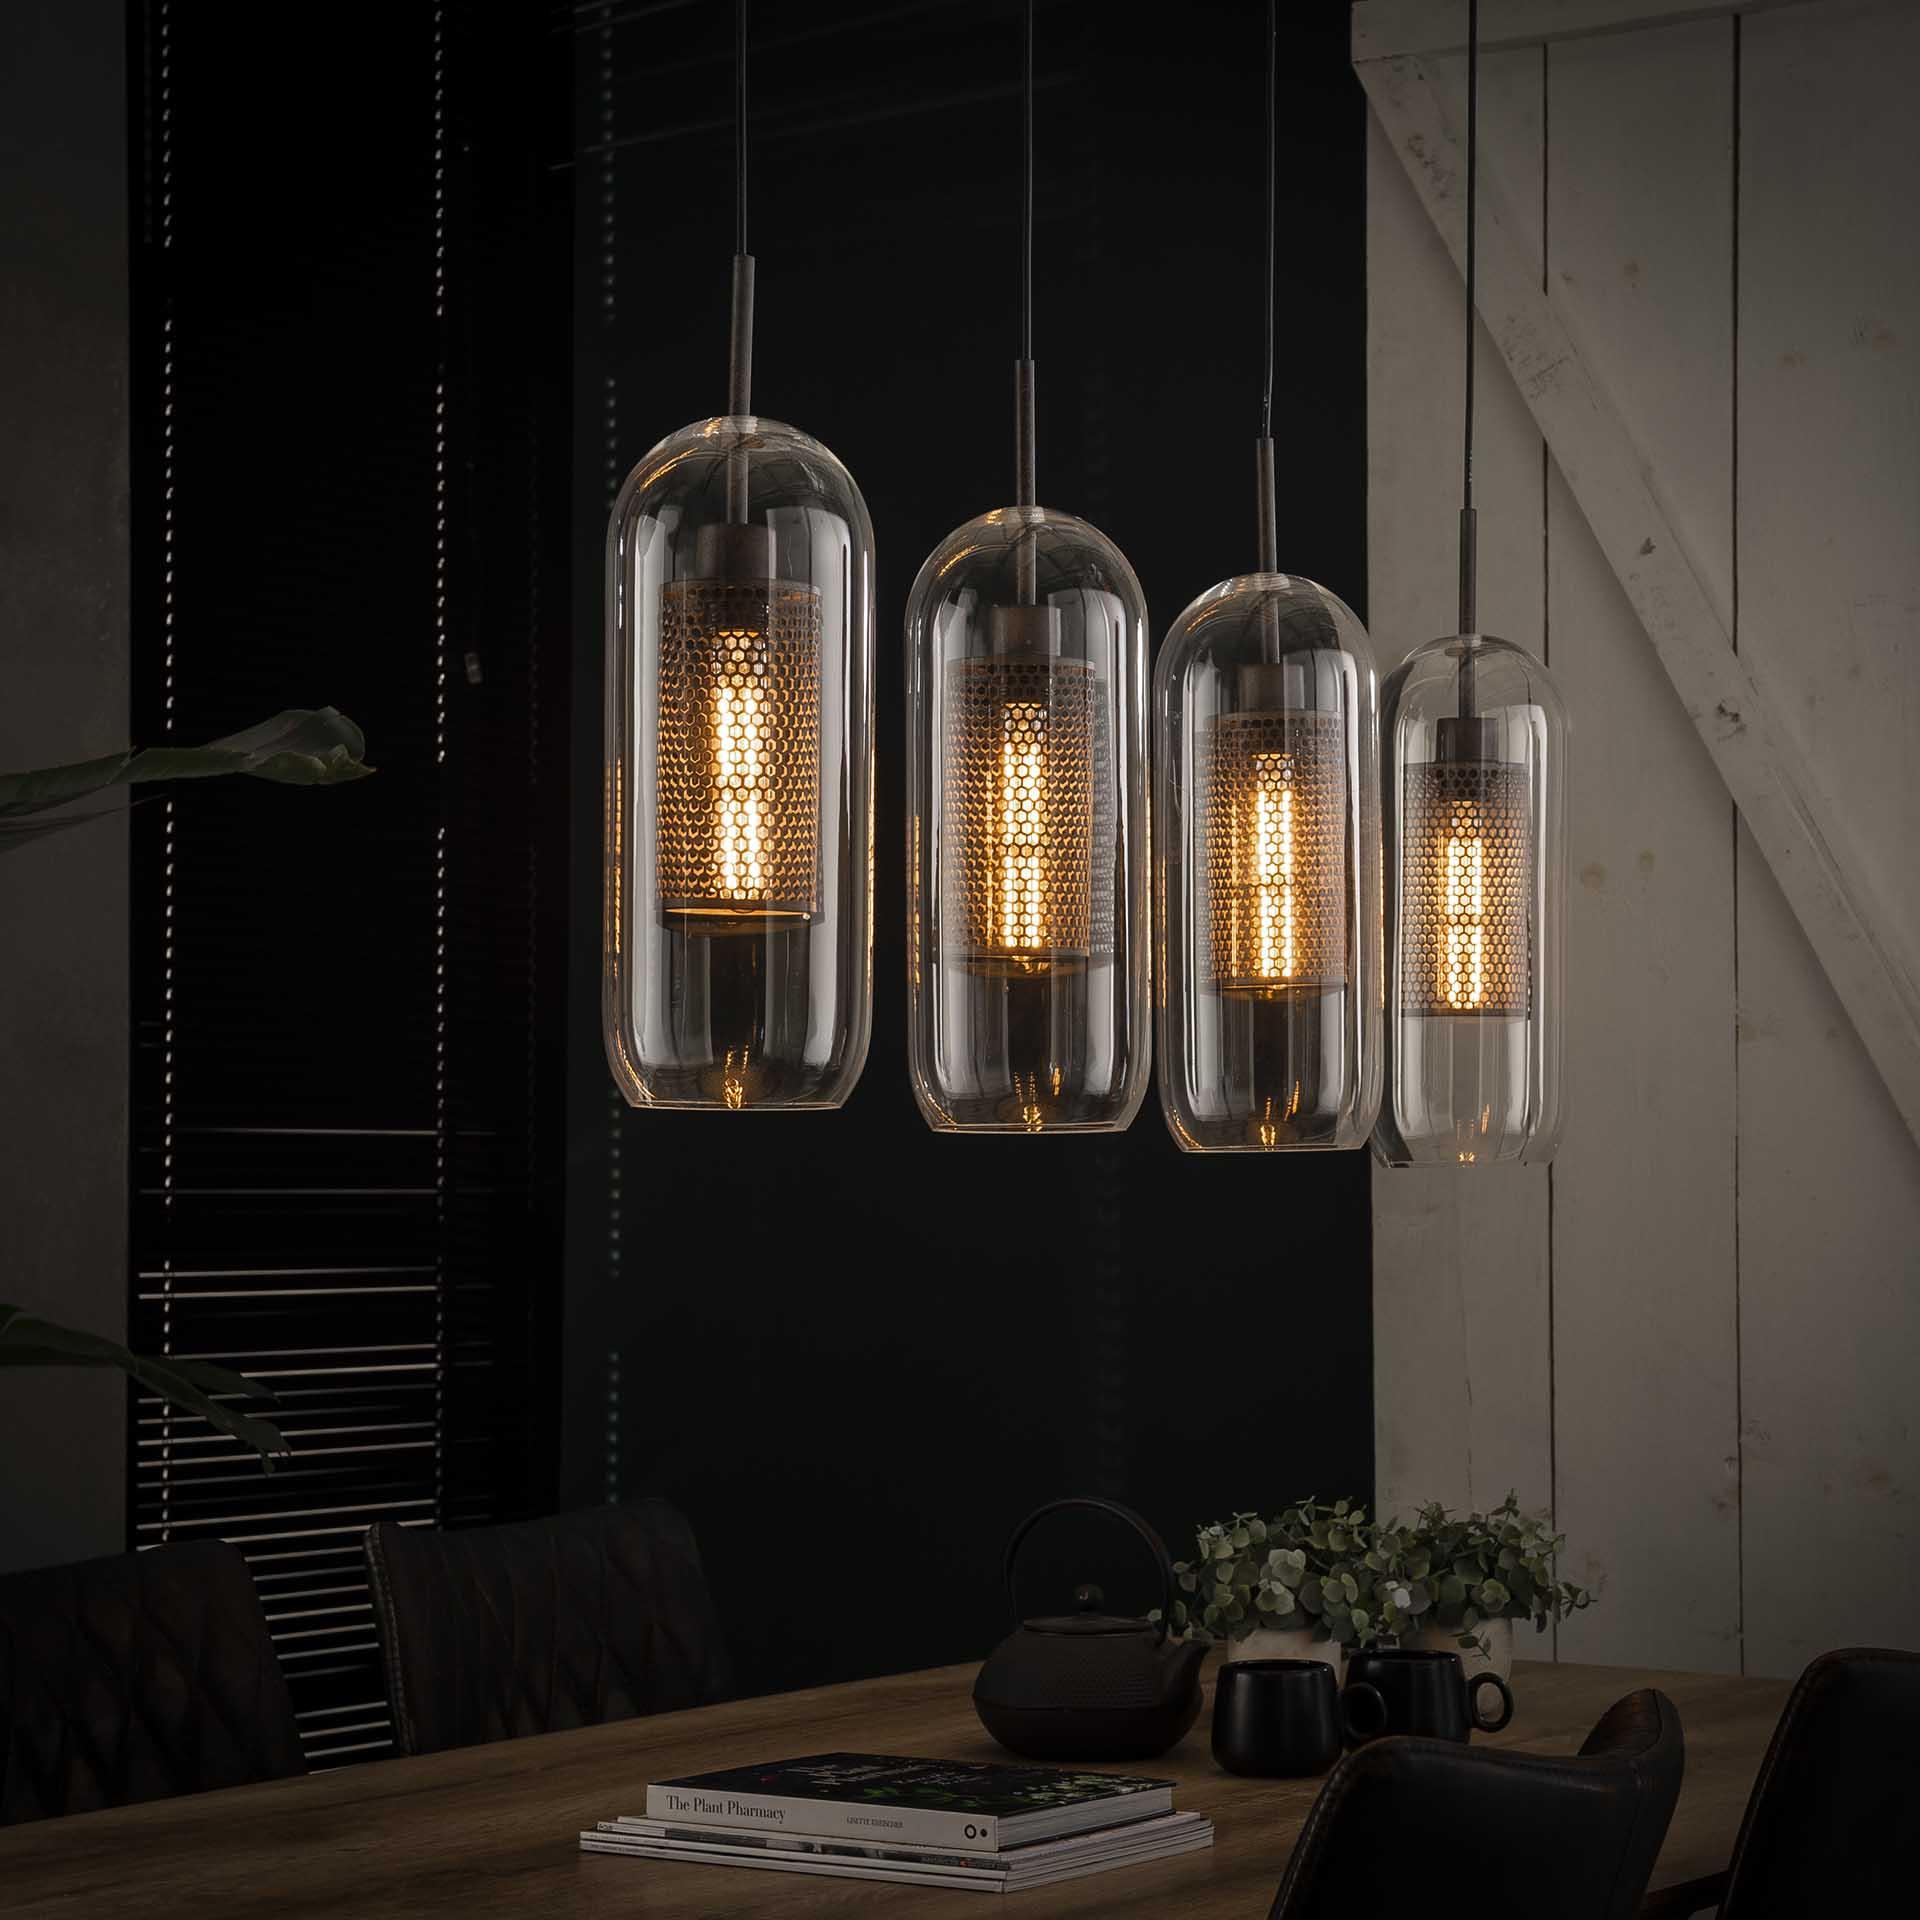 Hanglamp 4x 15 glas/ geperforeerd staal - Oud zilver